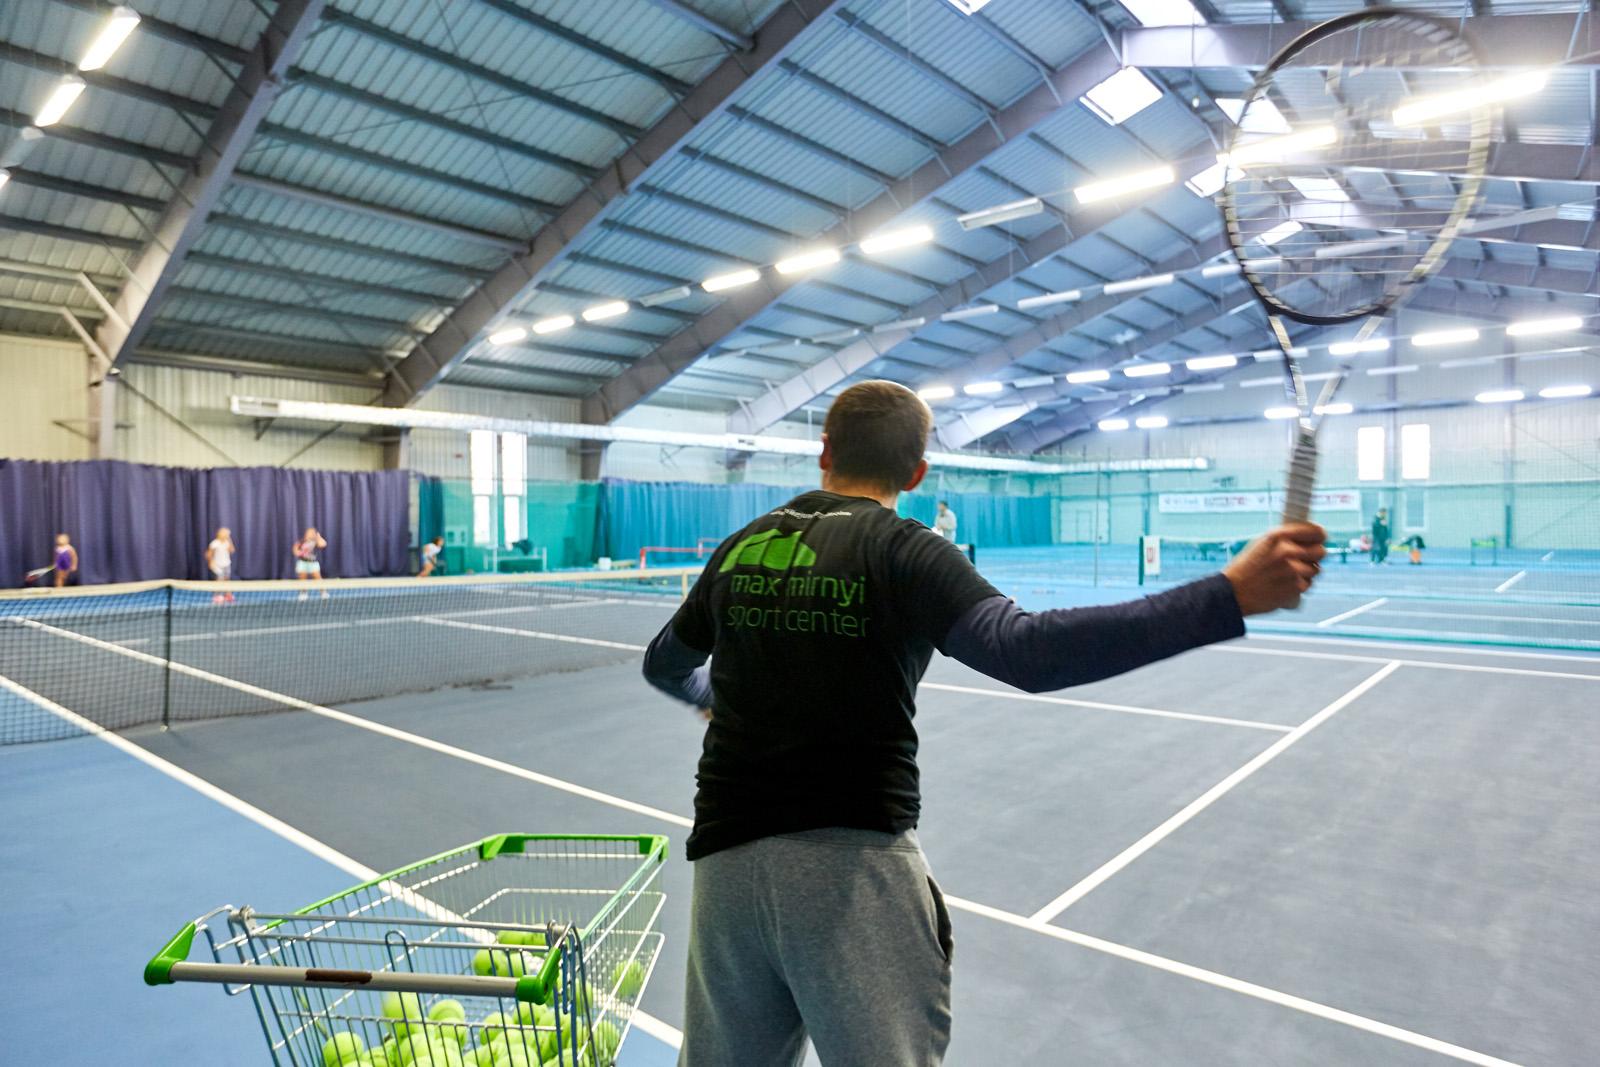 Аренда теннисного корта у Макса Мирного всего за 20 руб.